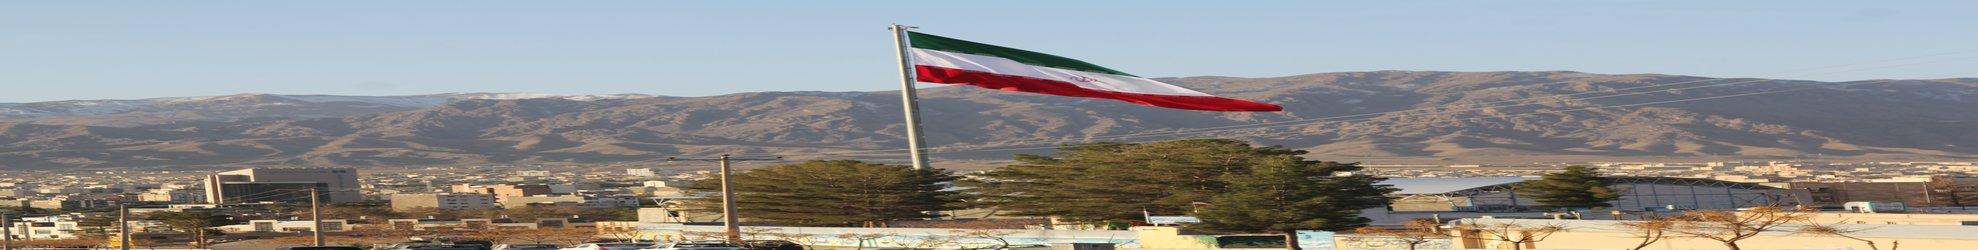 آغاز برنامه های دهه فجر شهرداری بیرجند با اهتزاز پرچم پر افتخار ایران